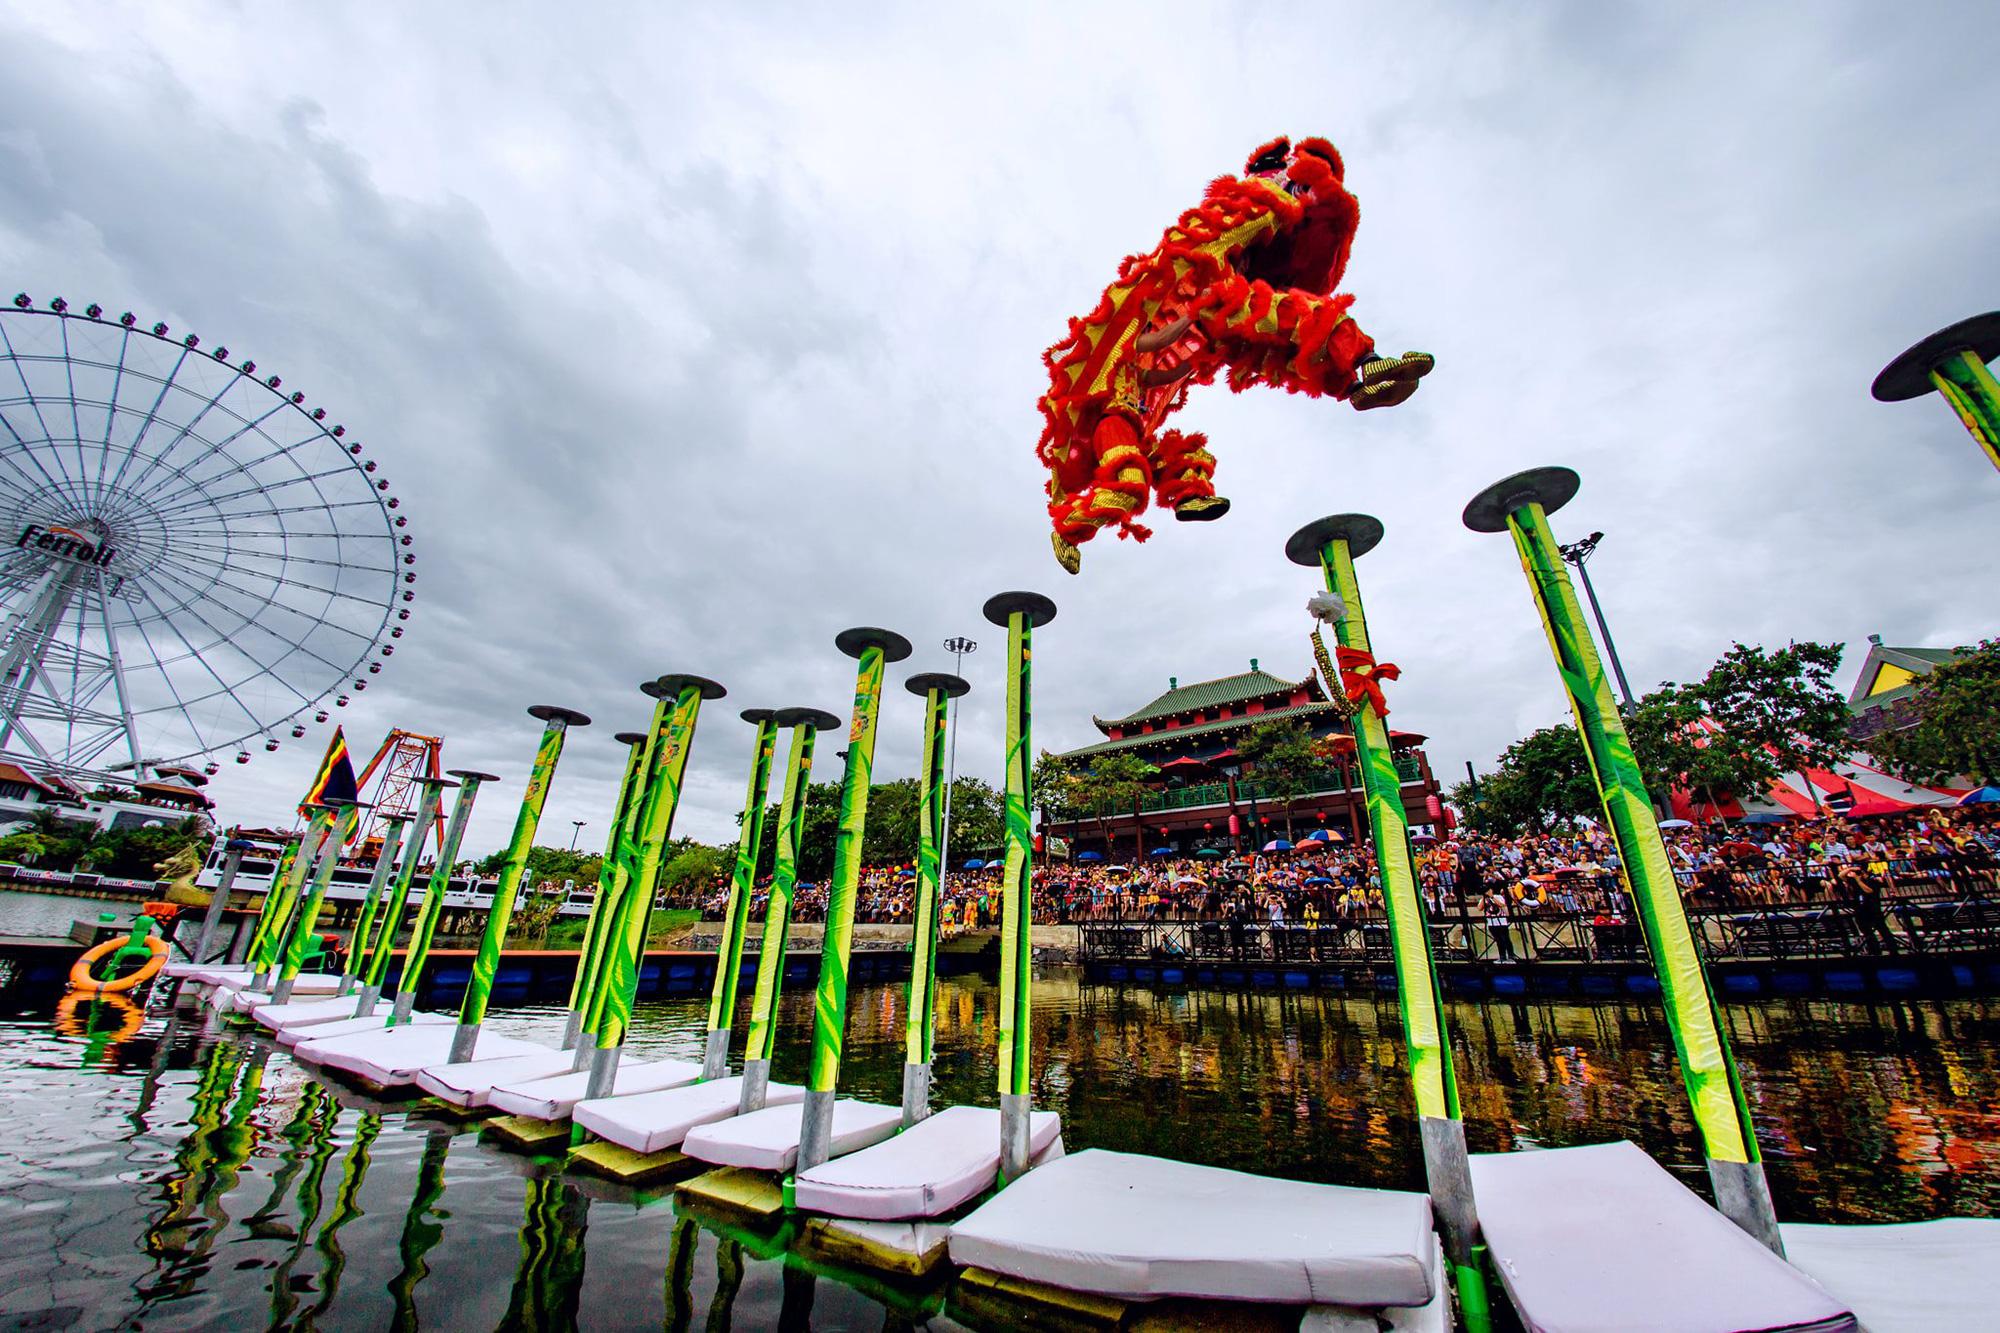 Tết Tân Sửu, Công viên Châu Á - Asia Park sẽ bùng nổ với chuỗi đêm nhạc và lễ hội hoành tráng - Ảnh 4.